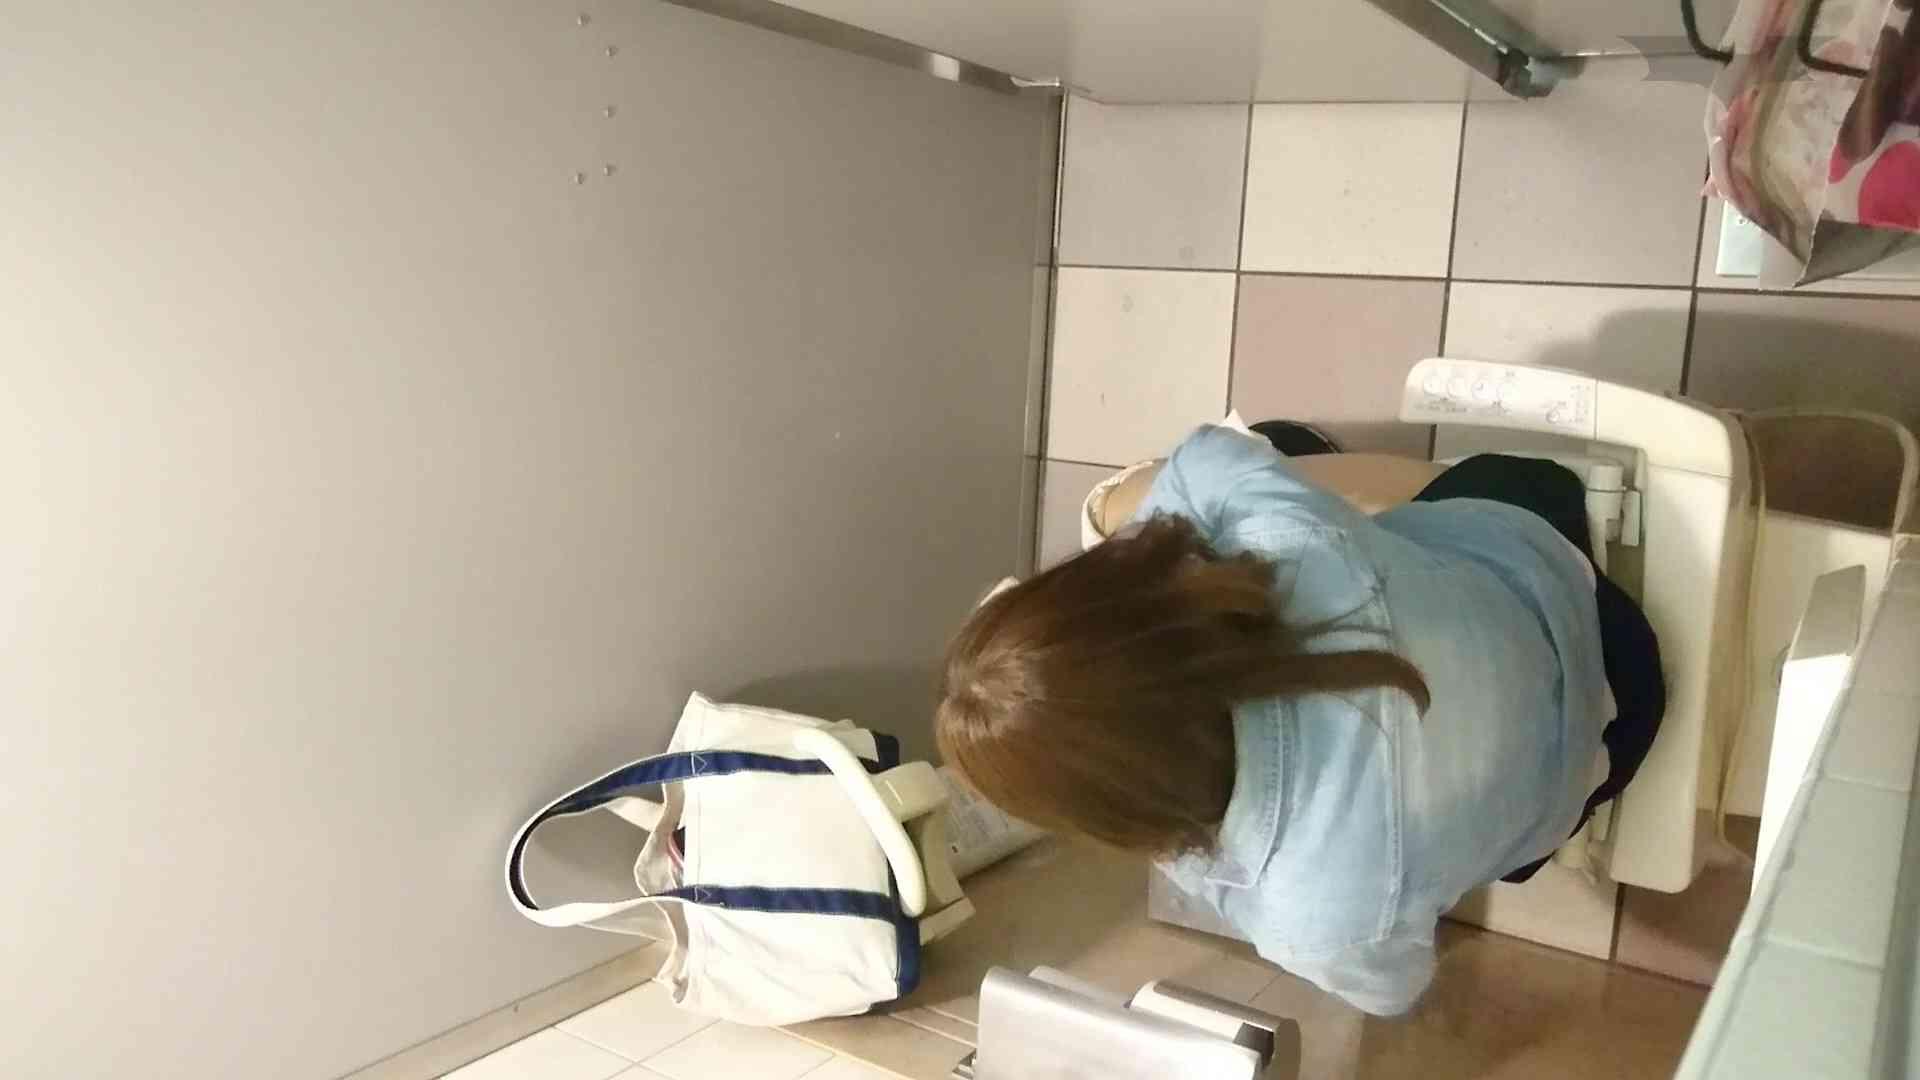 無修正エロ動画|化粧室絵巻 ショッピングモール編 VOL.16|怪盗ジョーカー